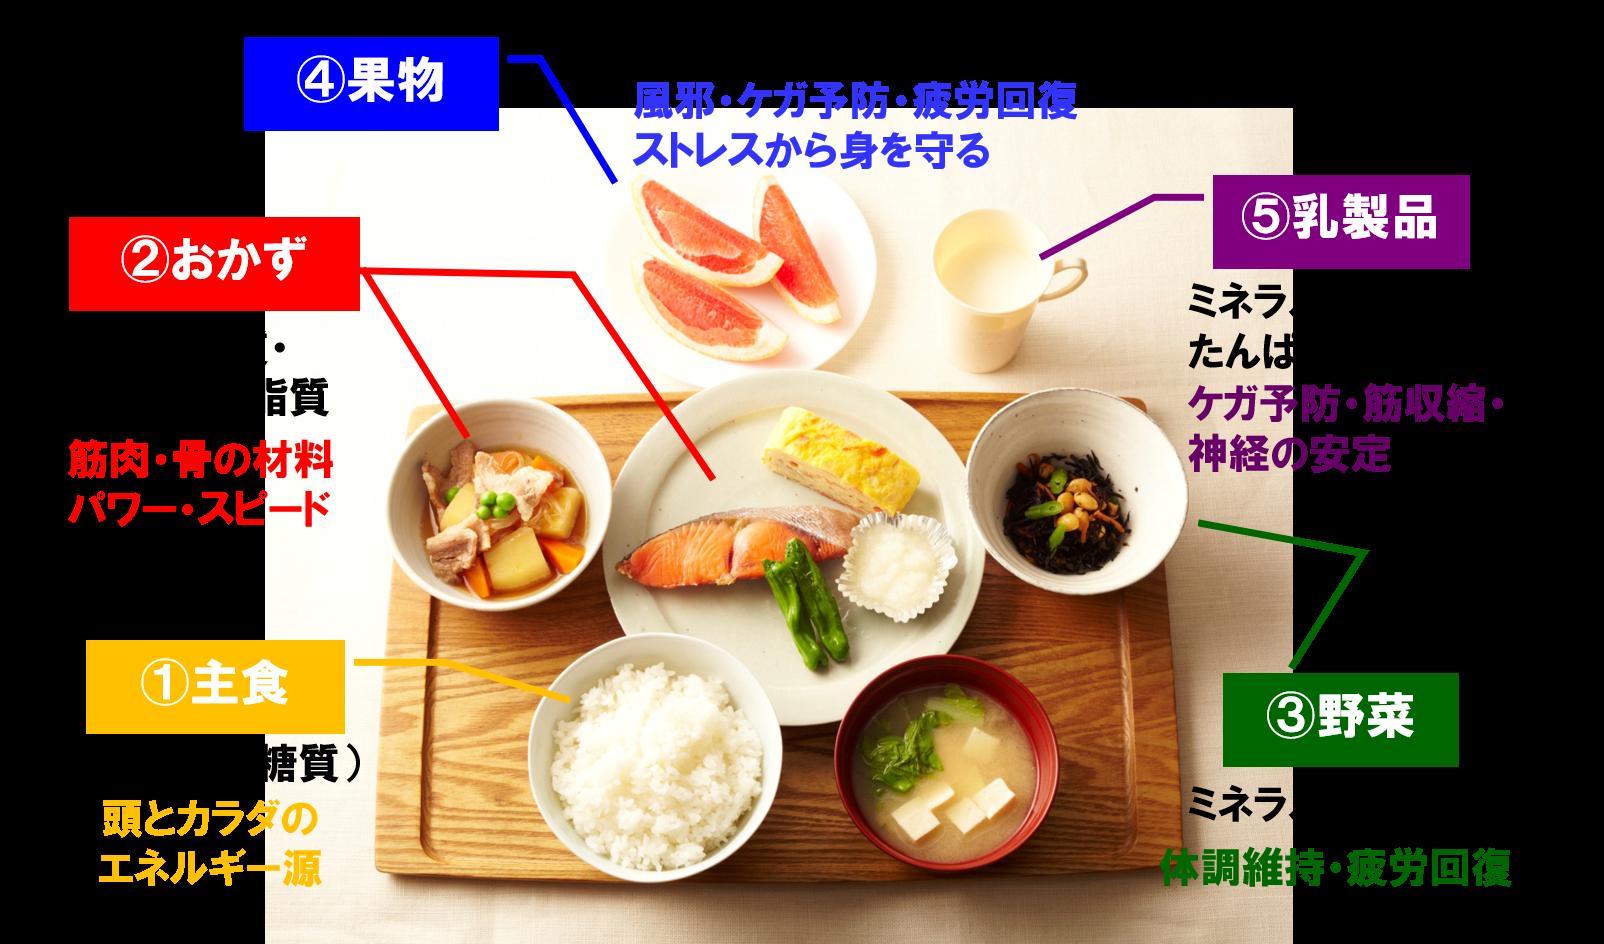 「栄養フルコース型」の食事